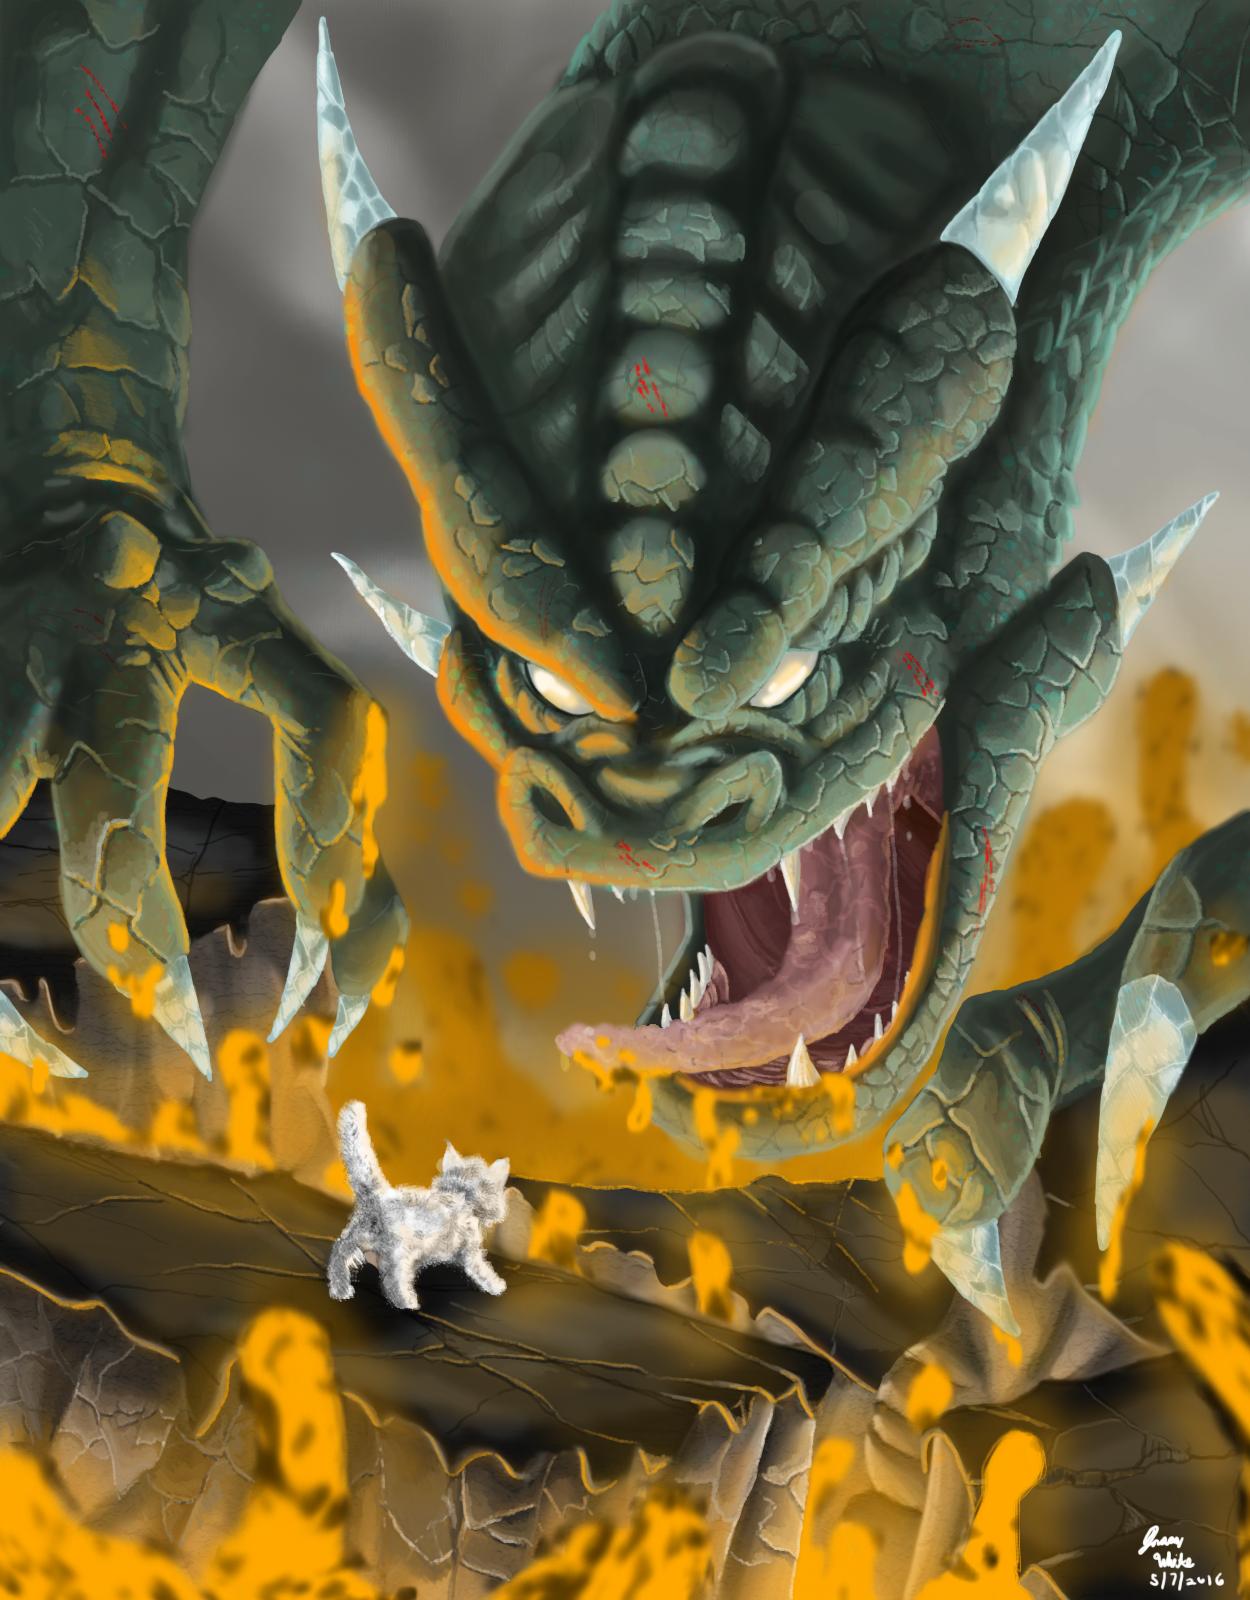 Fluffy vs Mr. Monster (fluffy's the dragon)